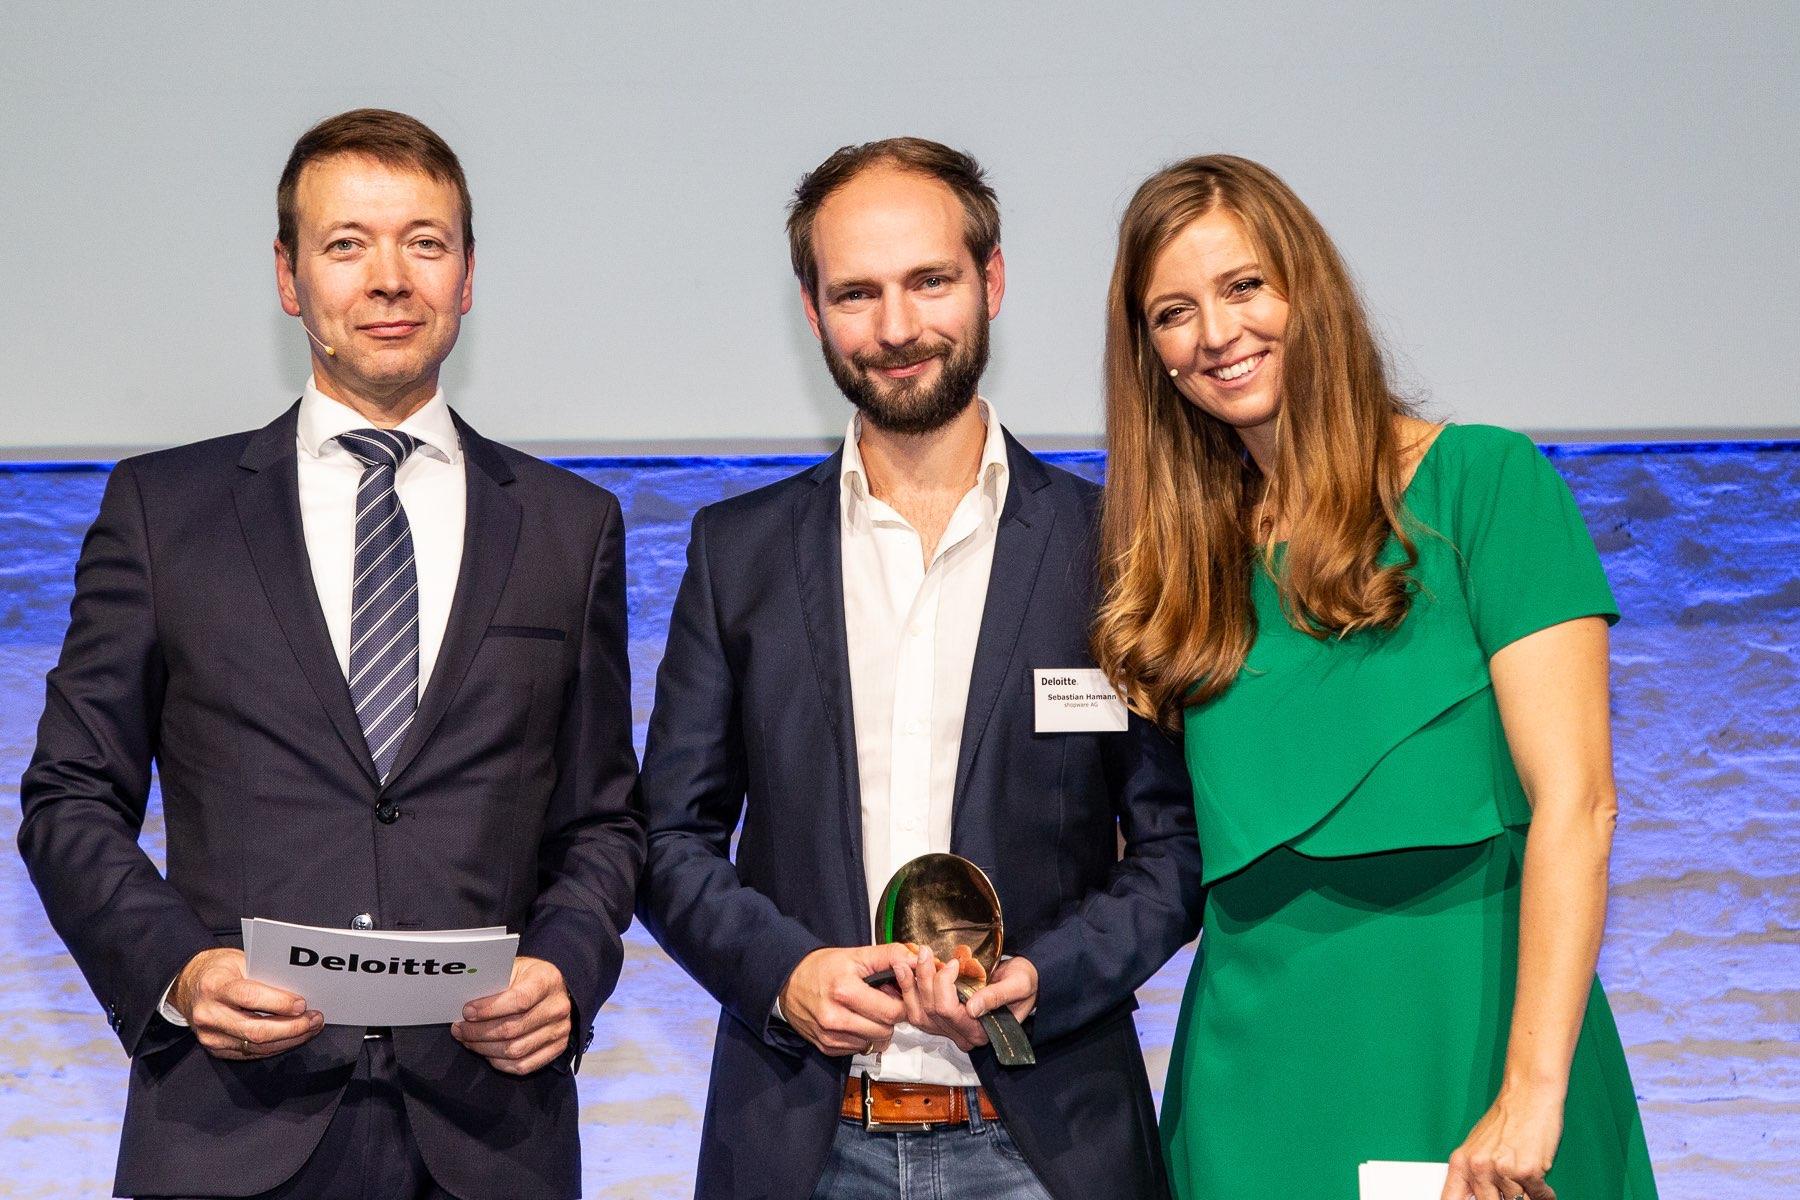 deloitte_Fast50_2018_23_vlr_Ch-Frank-Deloitte-Sebastian-Hamann-Vorstand-Shopware-AG-Sustainable-Excellence-Award-N-Eichinger